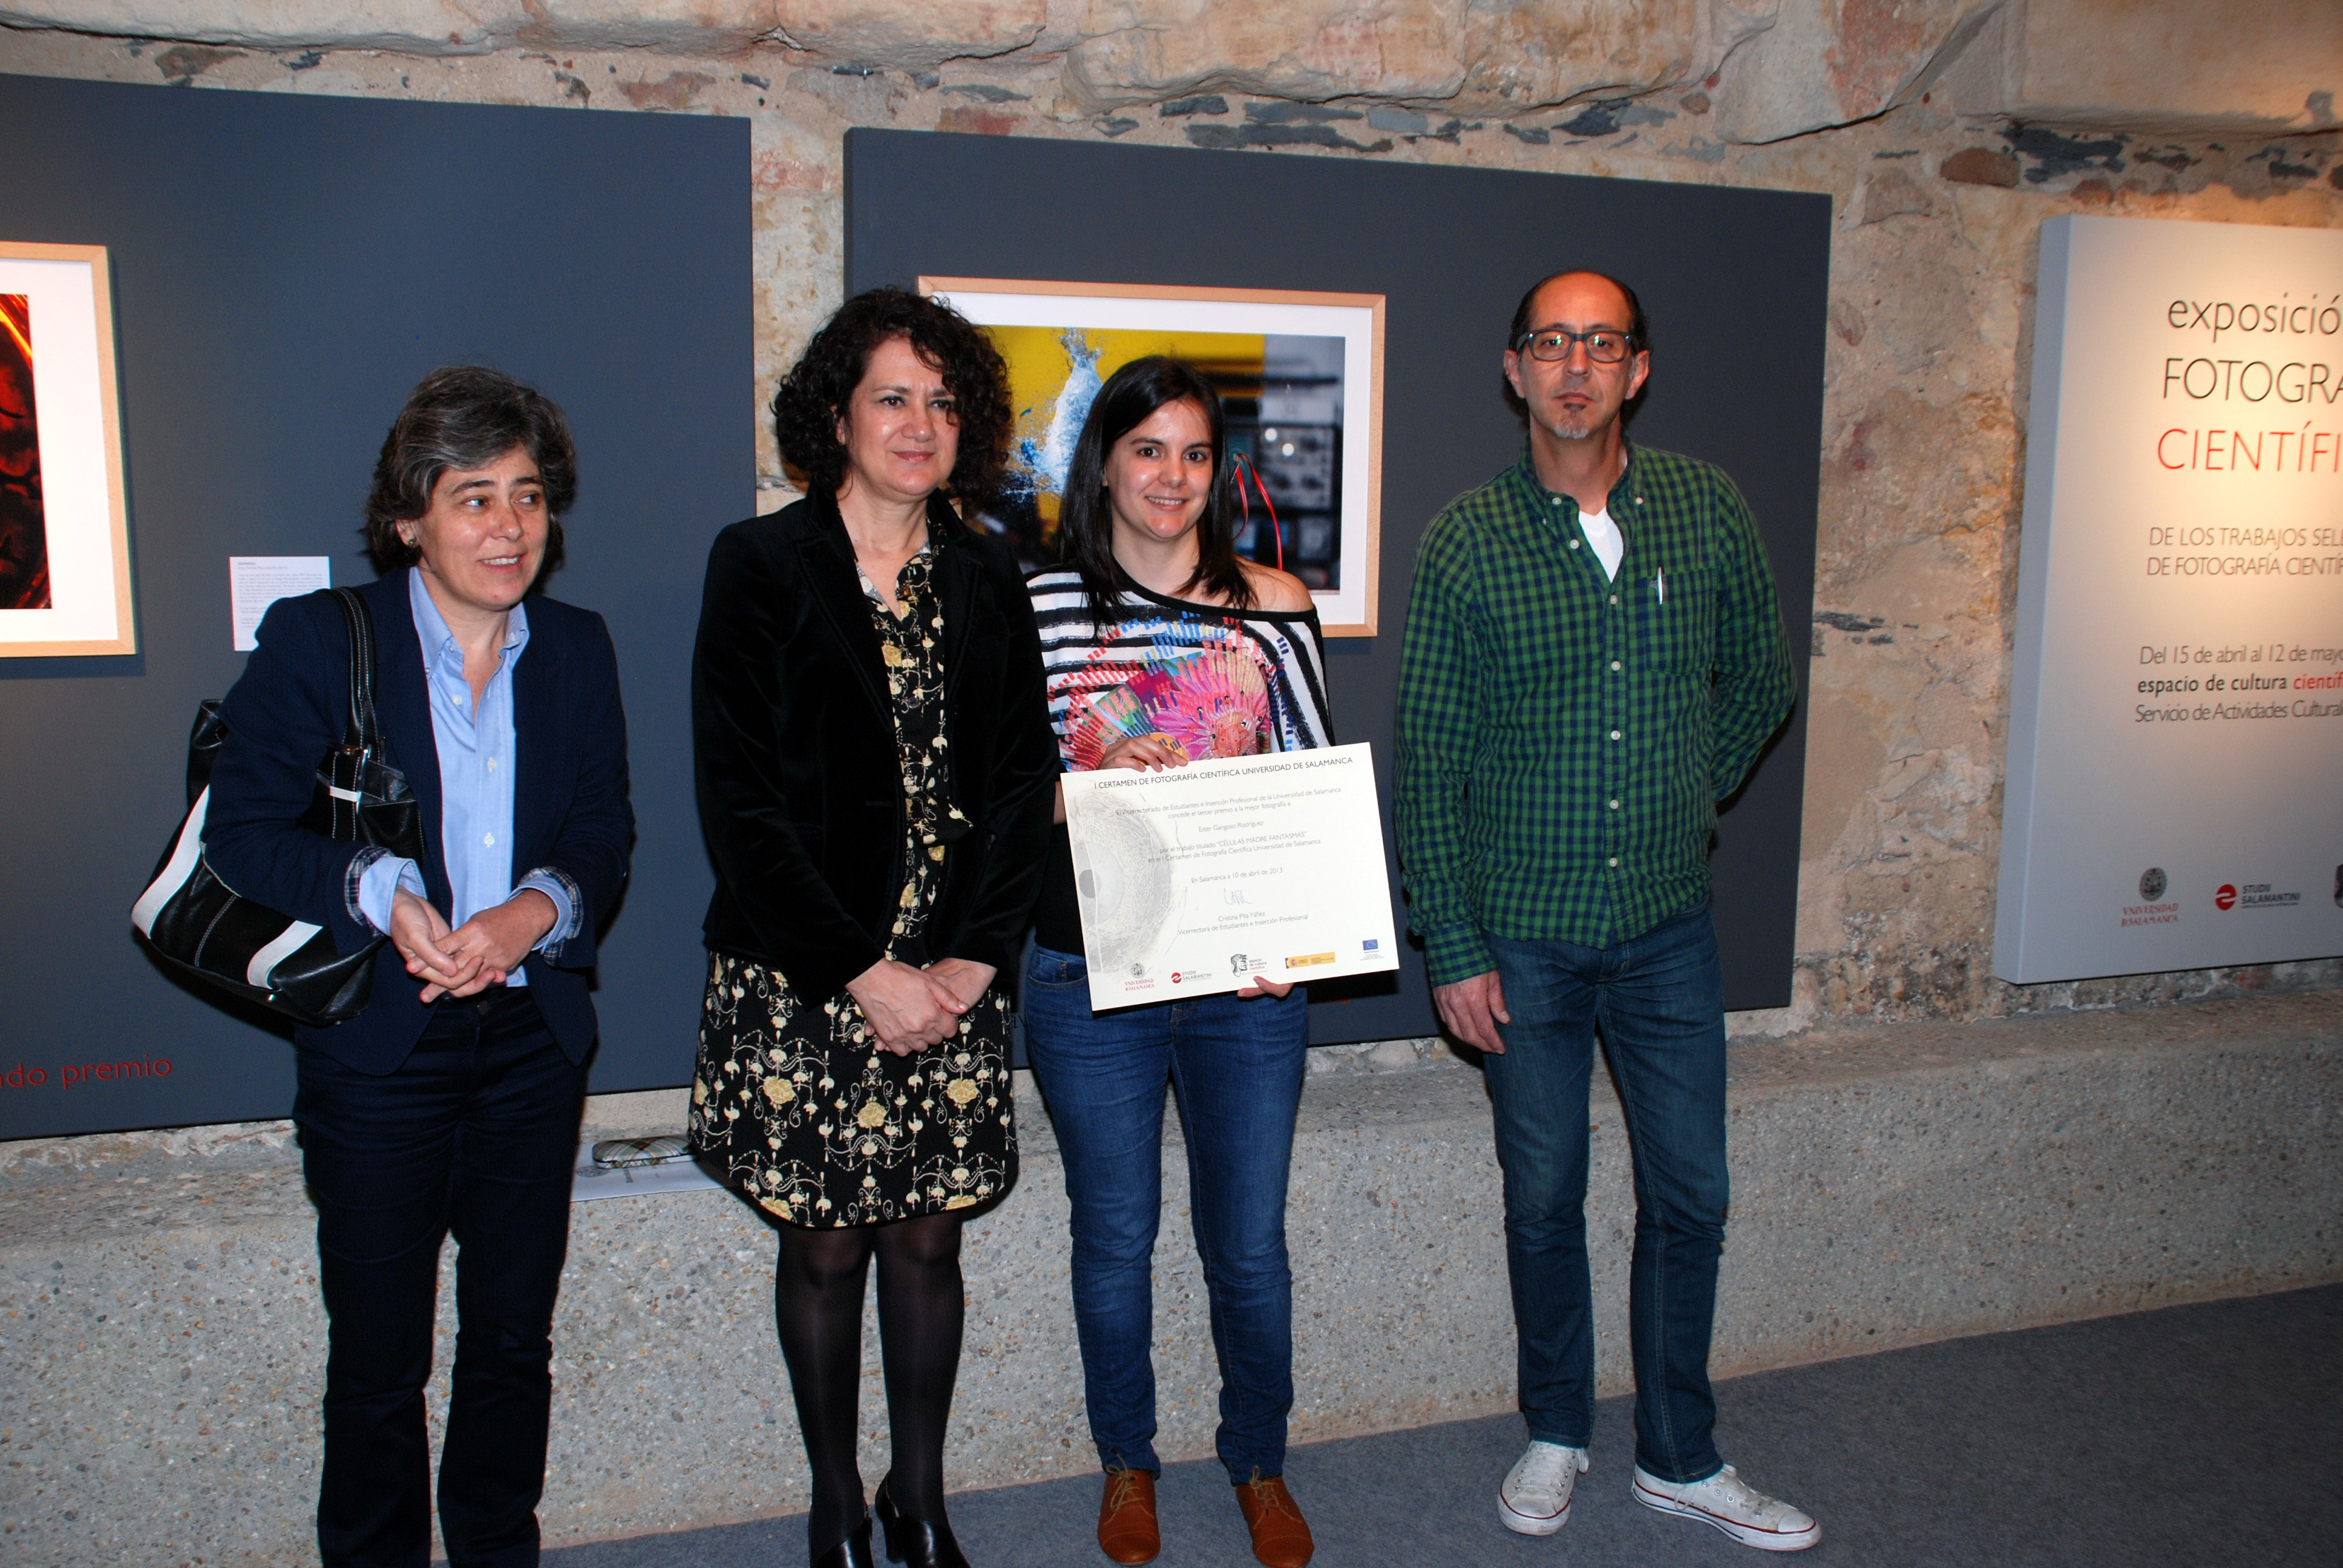 La exposición del I Certamen de Fotografía Científica de la Universidad de Salamanca reúne las 21 mejores imágenes del concurso realizadas por estudiantes